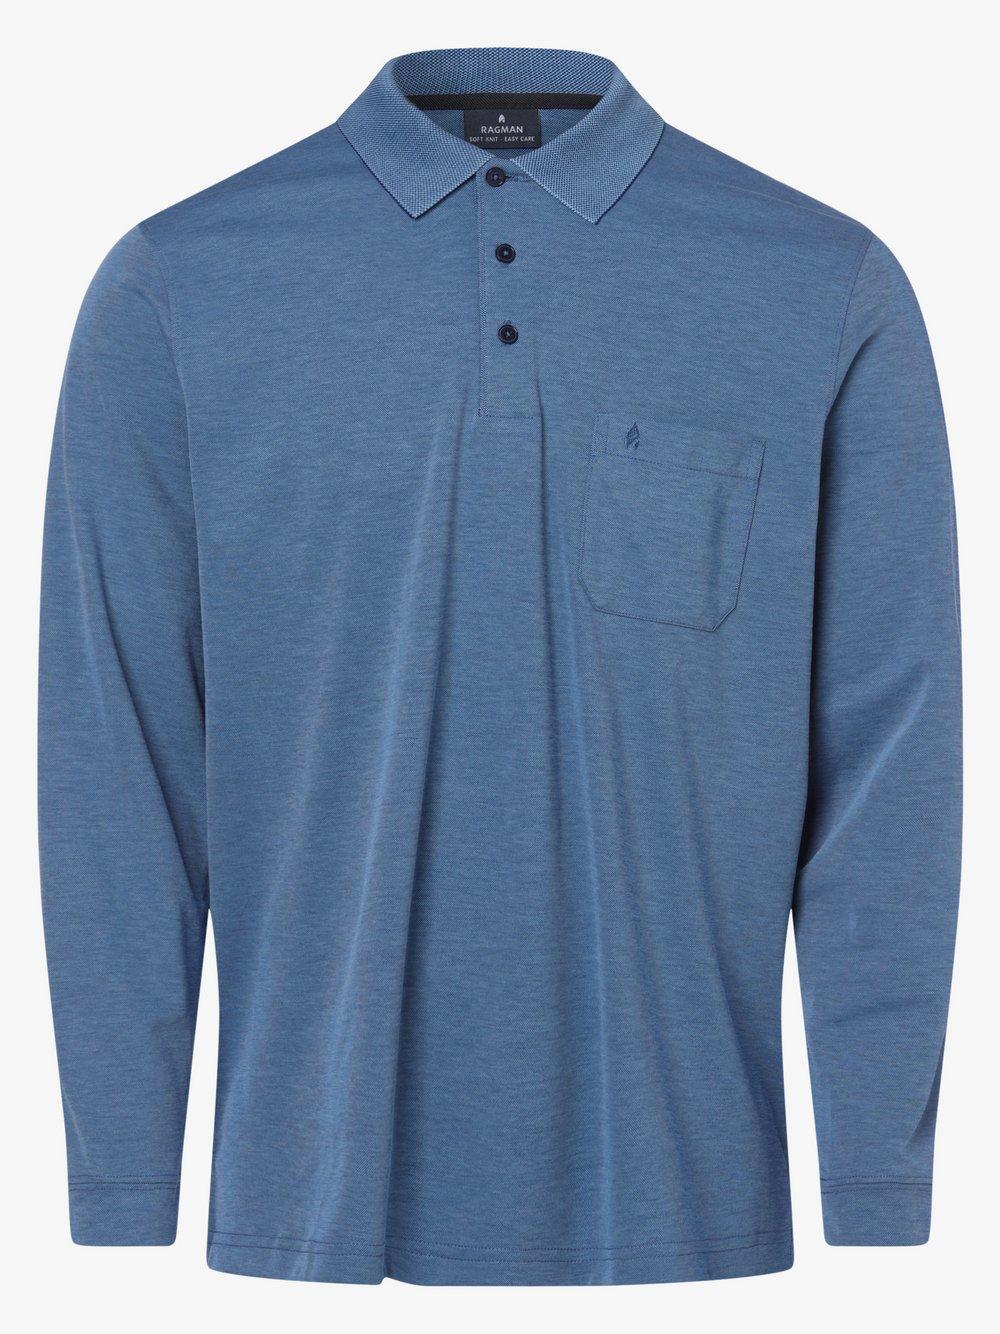 Ragman – Męska koszulka polo, niebieski Van Graaf 134030-0038-09920